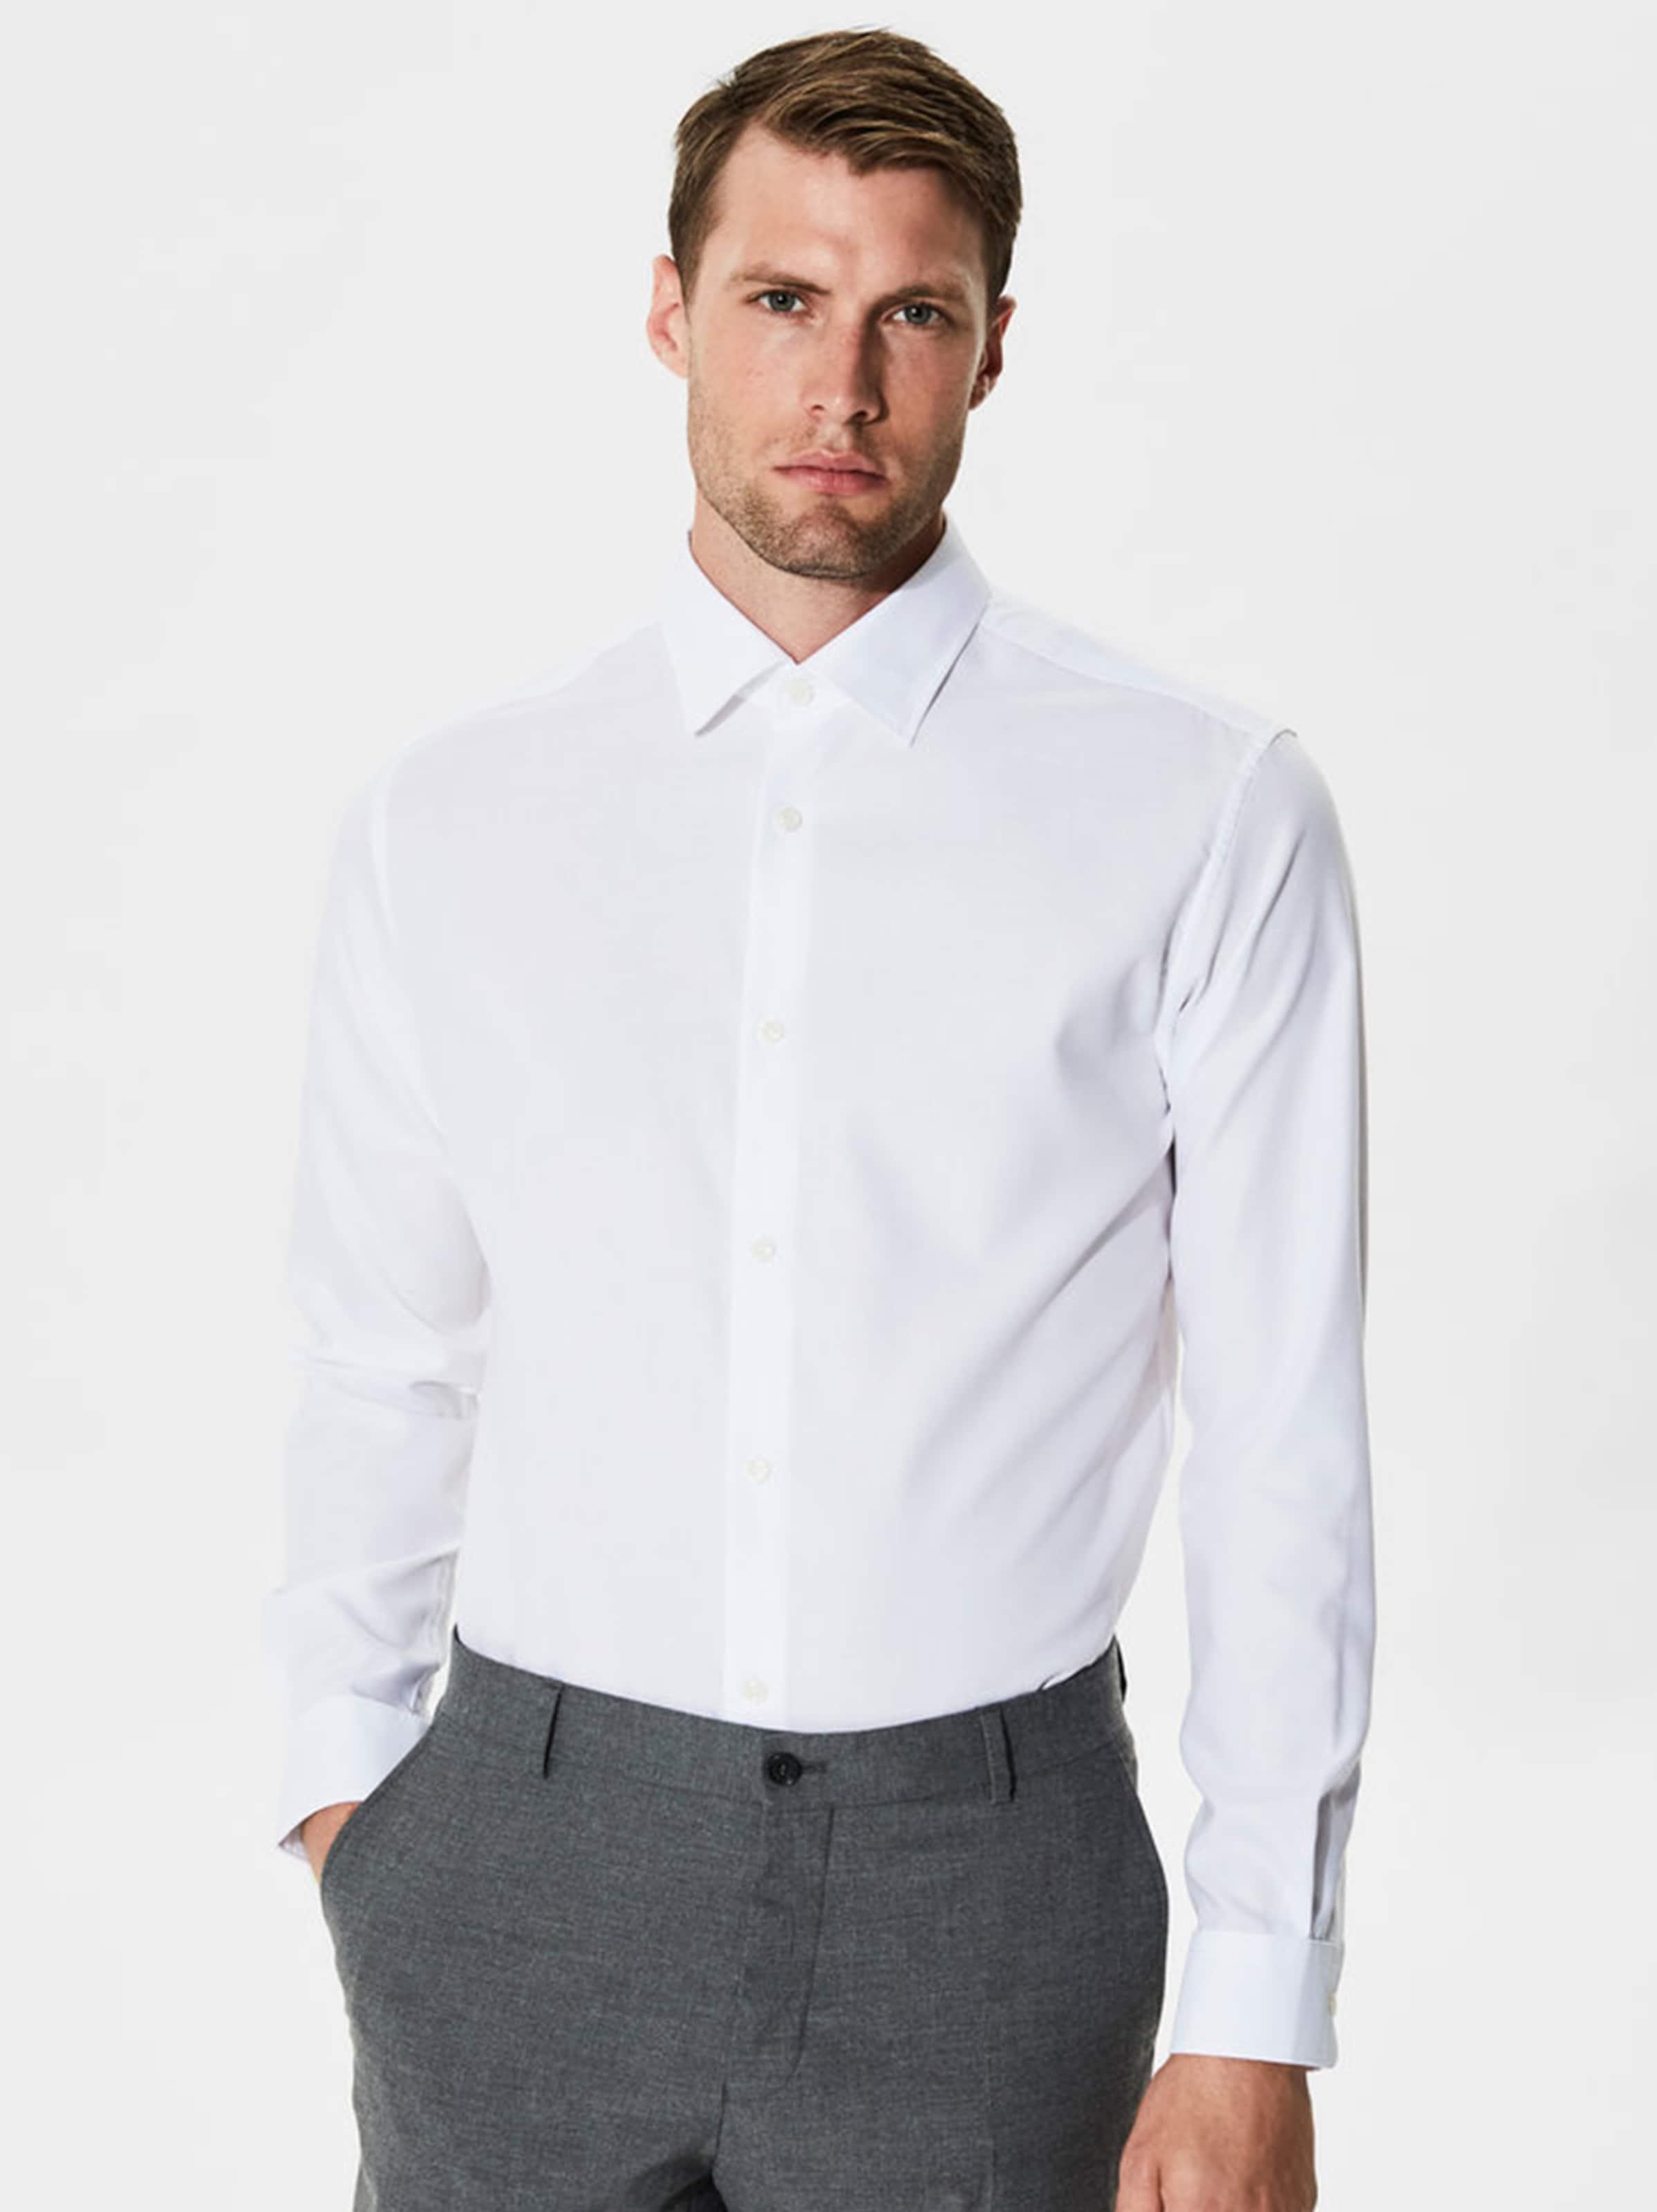 Steckdose In Deutschland SELECTED HOMME Formelles Slim Fit -Langarmhemd Billig Verkaufen Große Überraschung Manchester Großer Verkauf Zum Verkauf v2c7REHnV